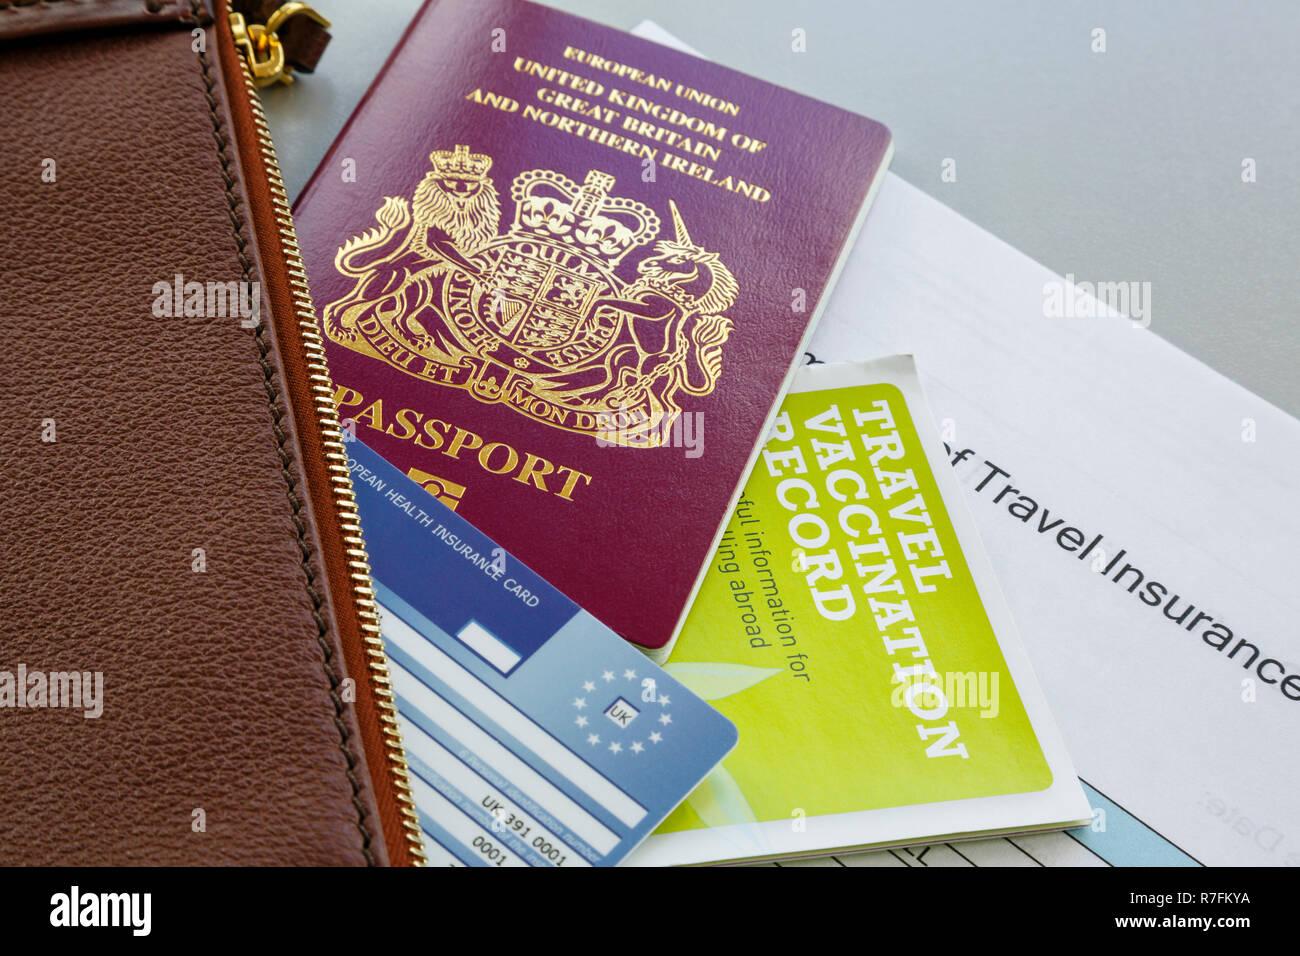 Wichtige Reisedokumente für Reisen ins Ausland Britischen biometrischen Pass EHIC Karte Impfpass und Reiseversicherung mit einer Mappe England Großbritannien Stockbild